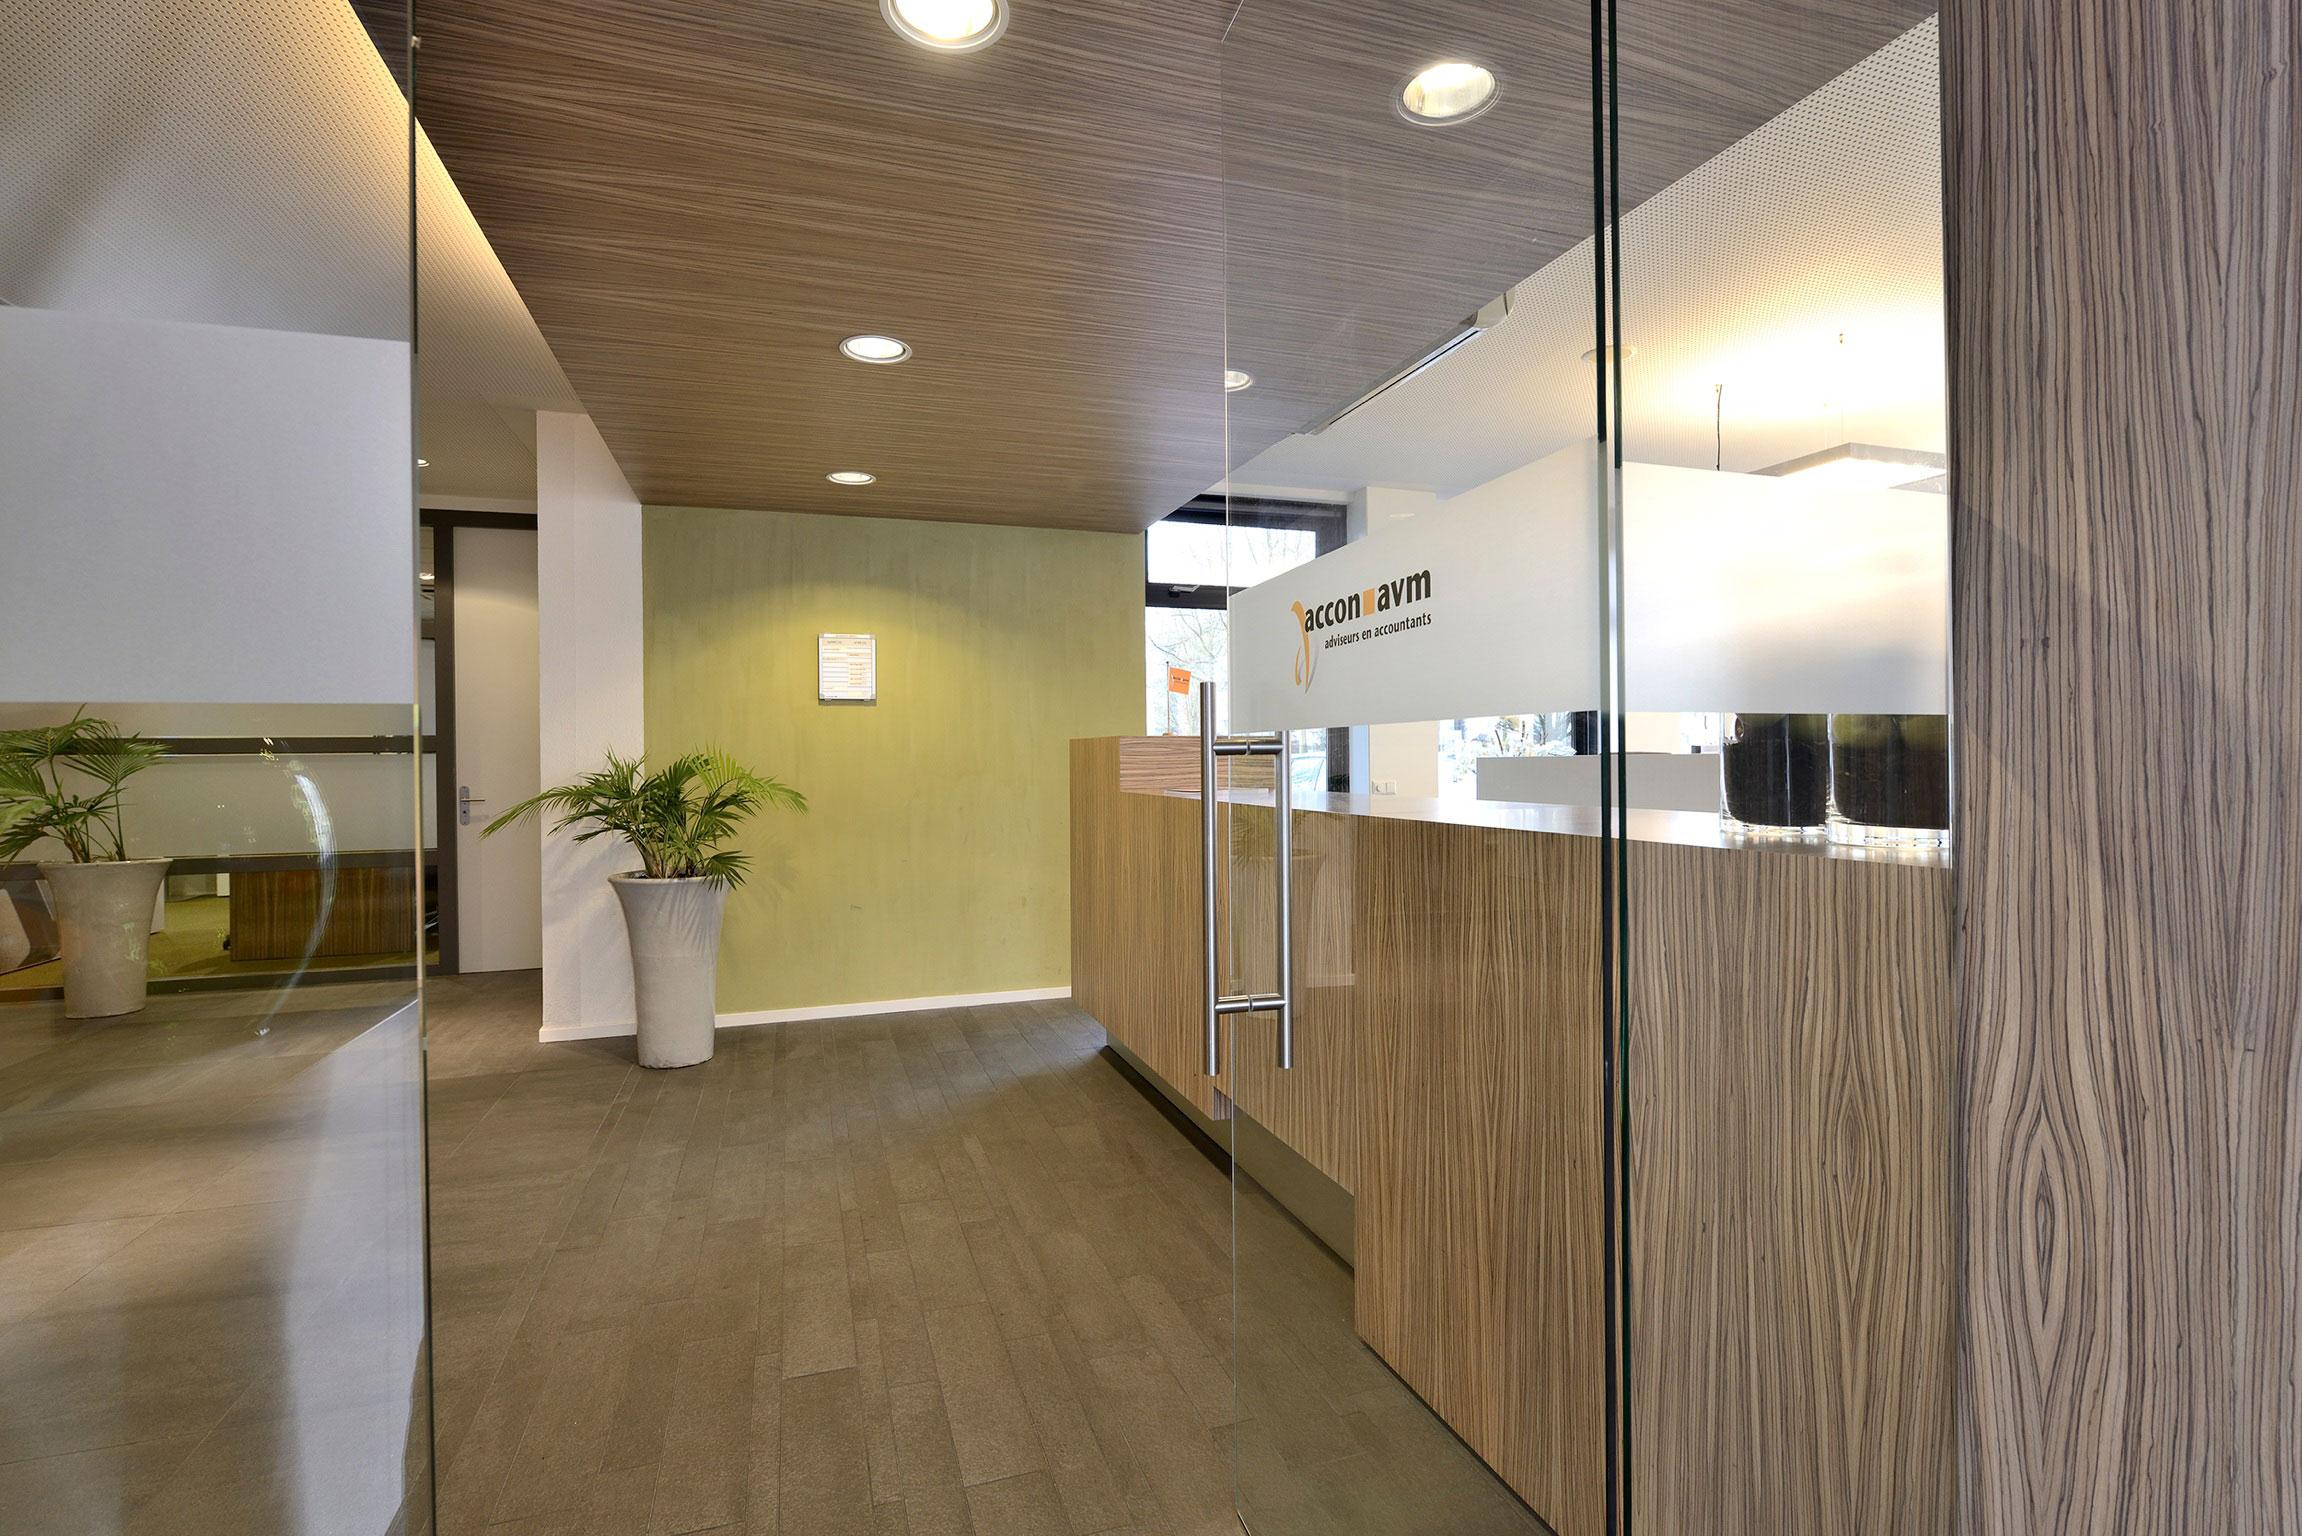 Prachtig ontwerp inrichting accountantskantoor door wsb for Kantoor interieur ideeen